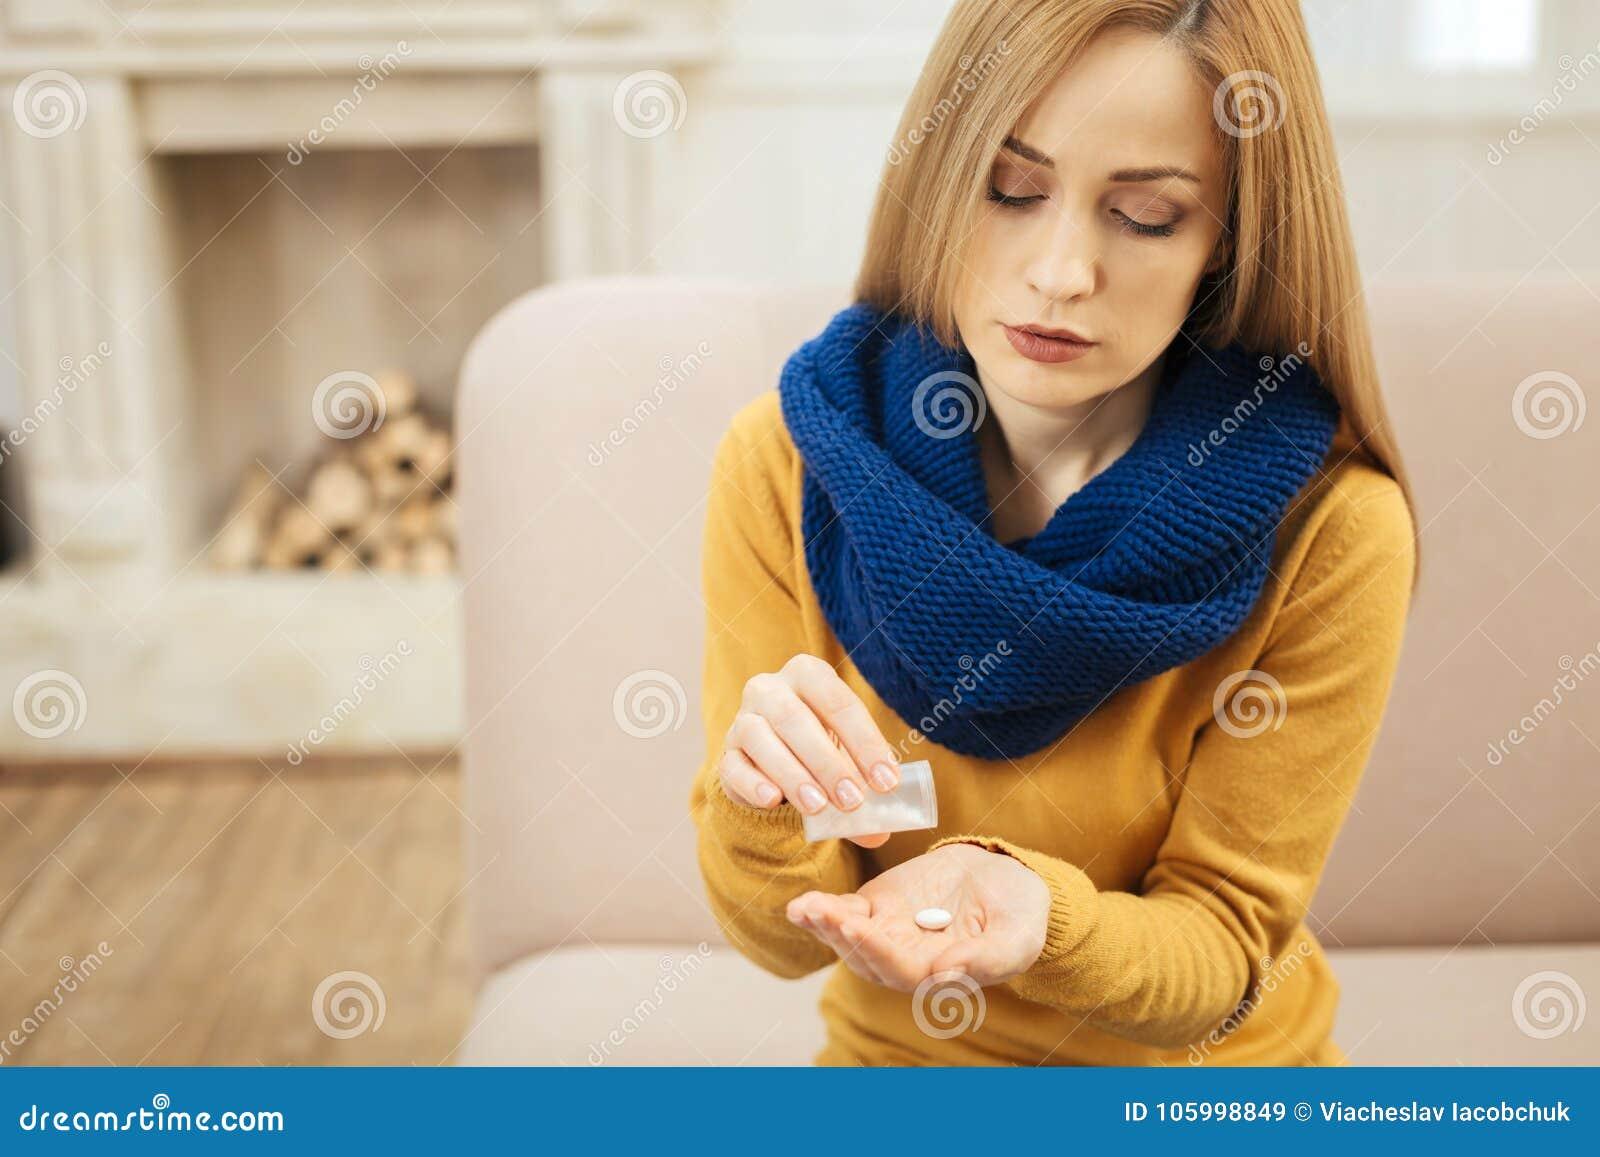 Chora blond kobieta bierze pigułki